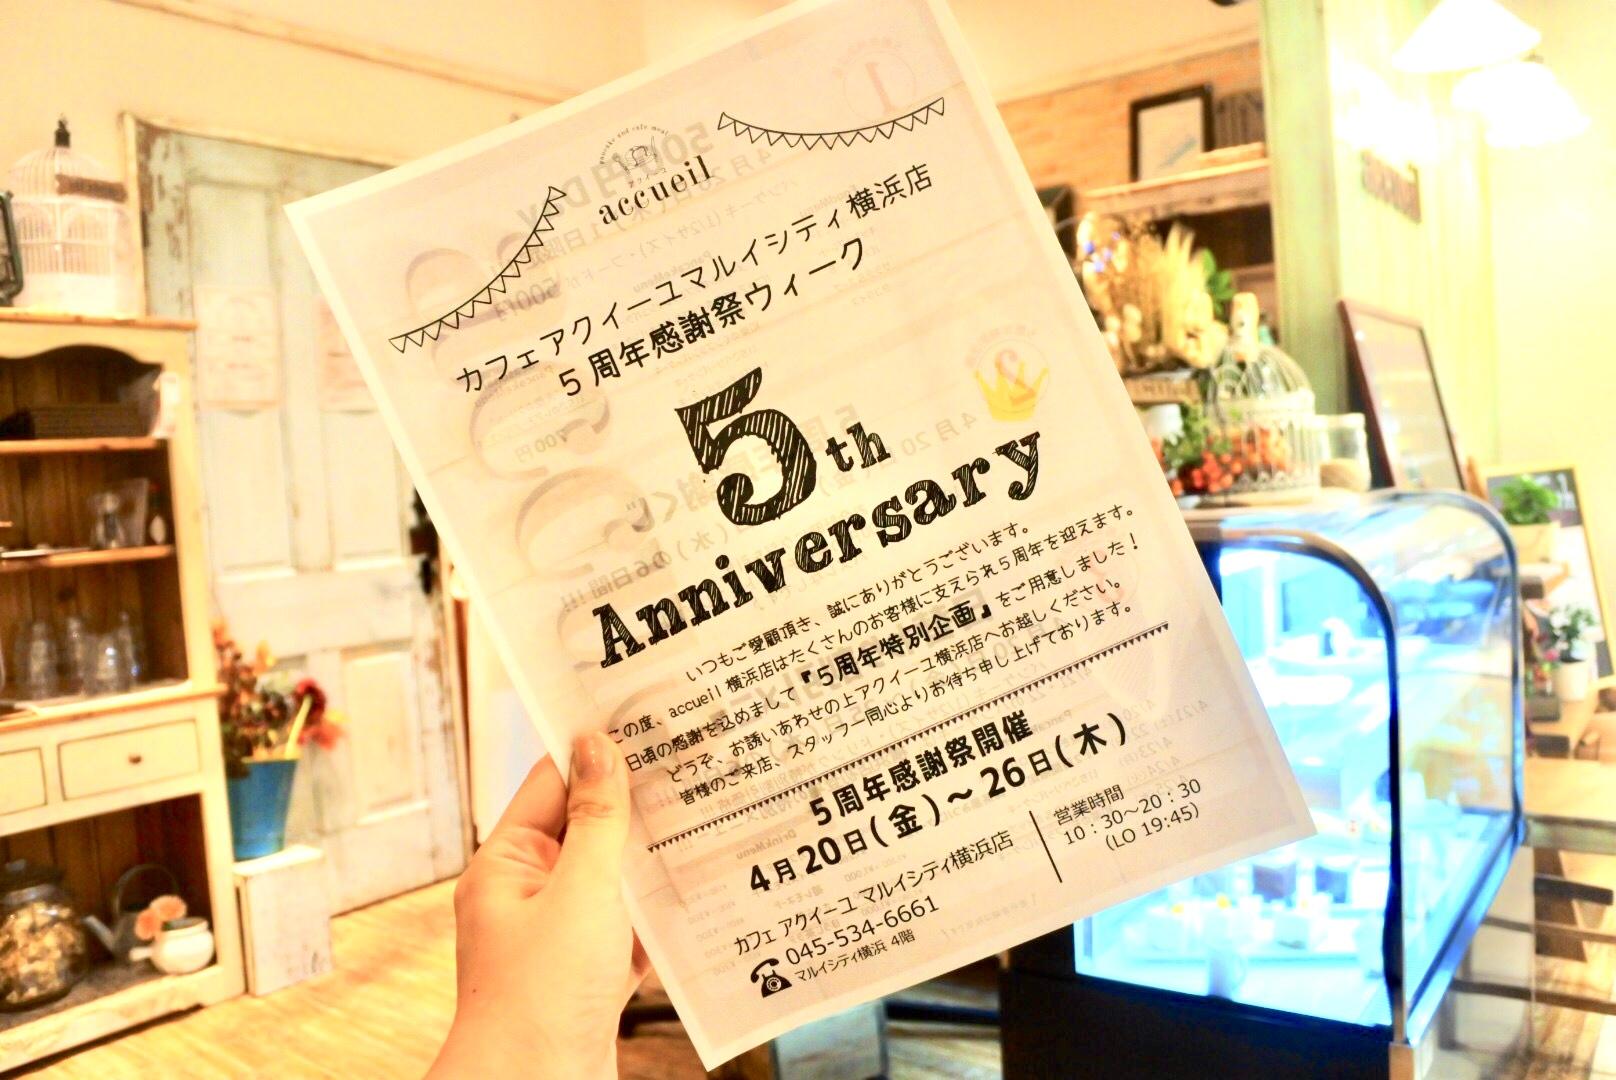 横浜マルイシティのアクイーユ5周年記念パンケーキをお得に食べてお祝い